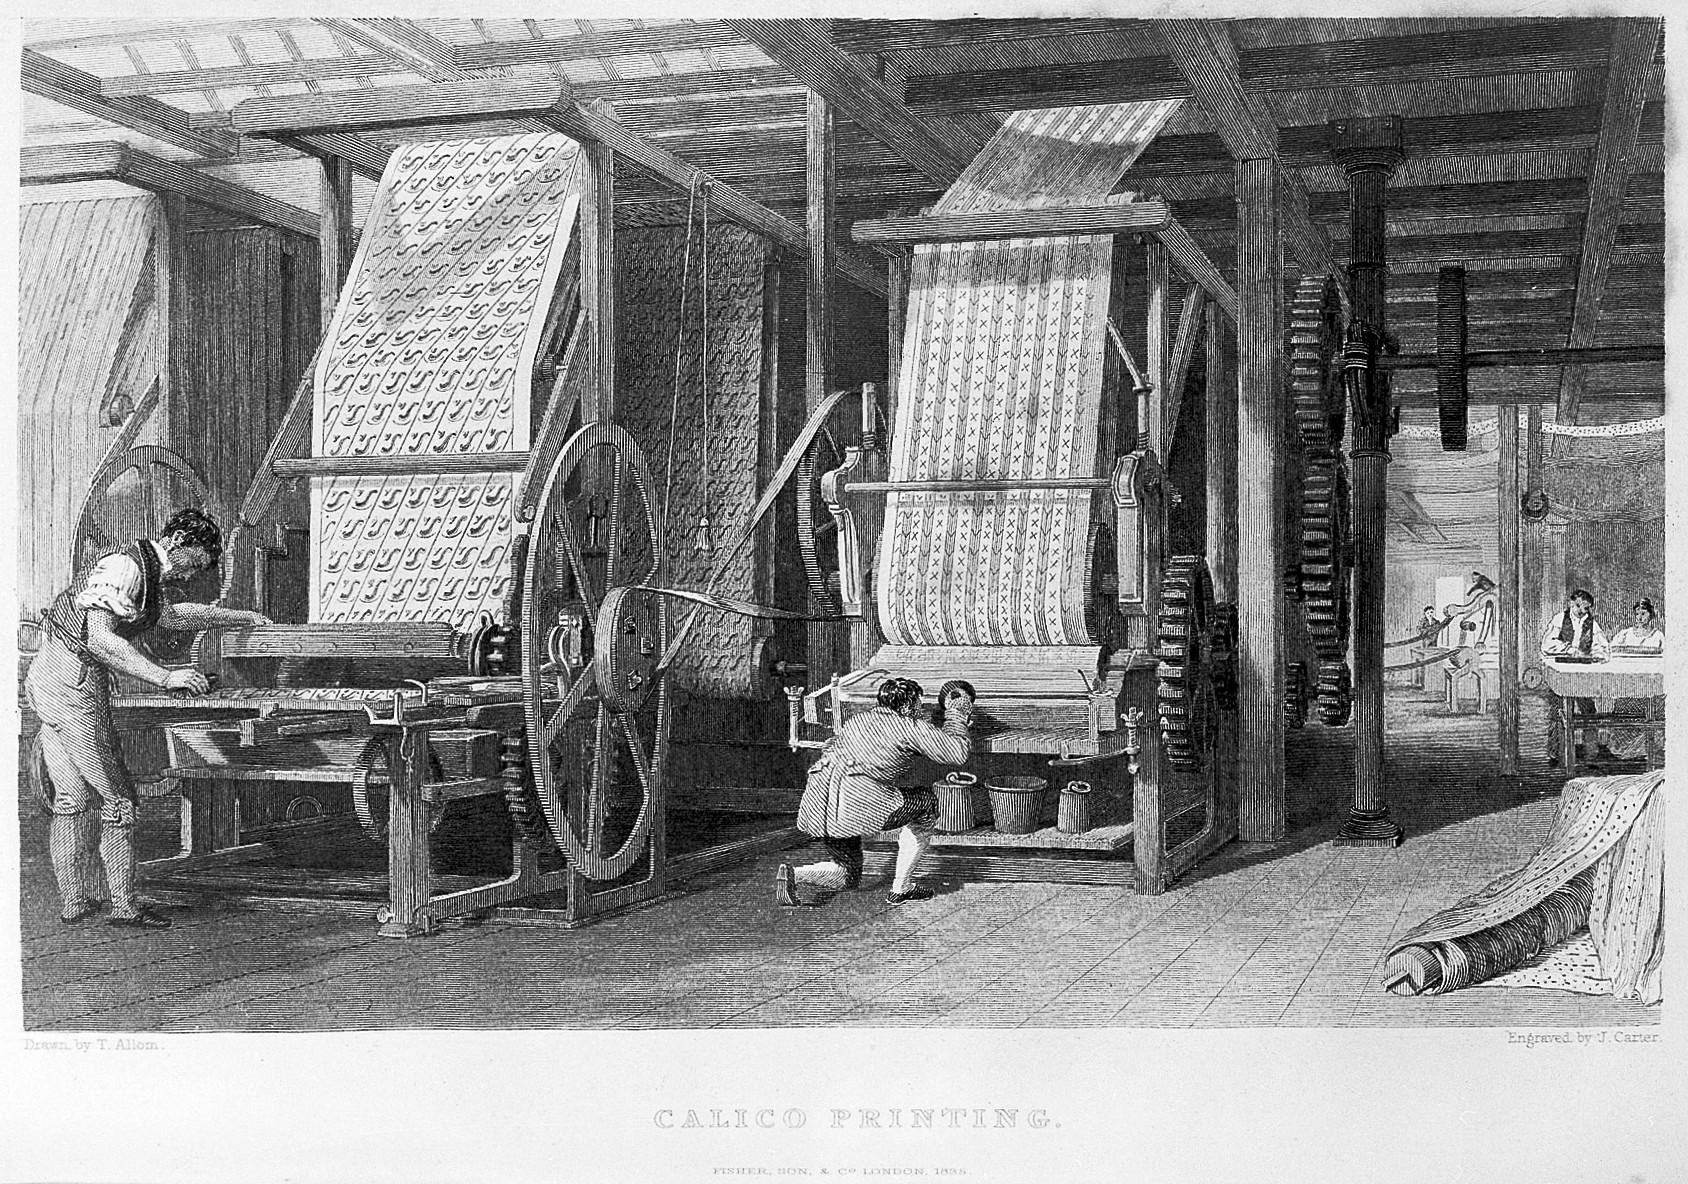 La révolution industrielle a mécanisé l'impression par blocs avec les premières machines. Le principe reste le même, mais à la place de blocs de bois on utilise des motifs forgés dans du métal. (Source: Wikimedia)